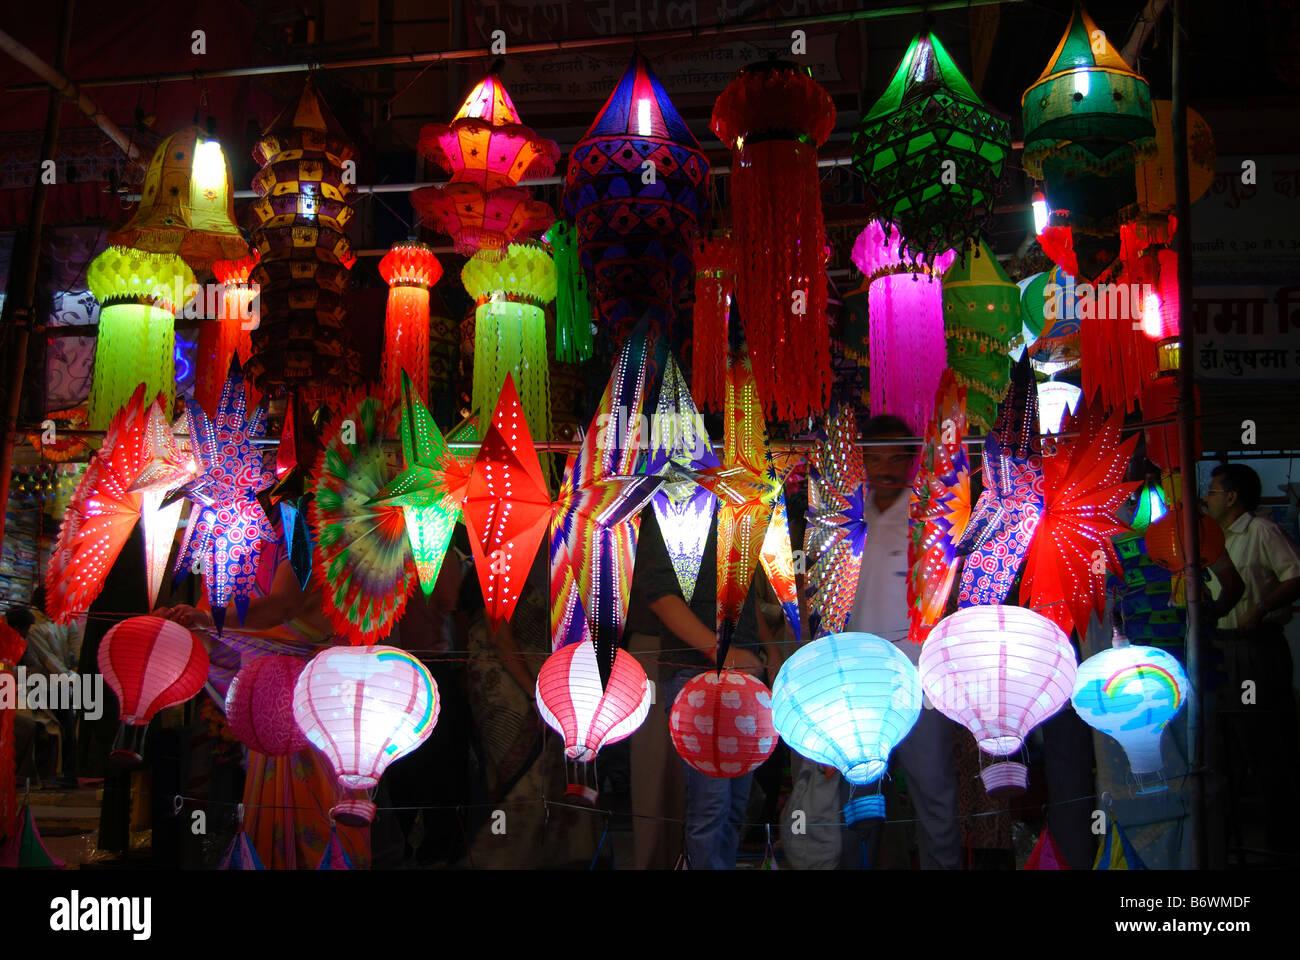 paper lantern shop display stock photos paper lantern shop display